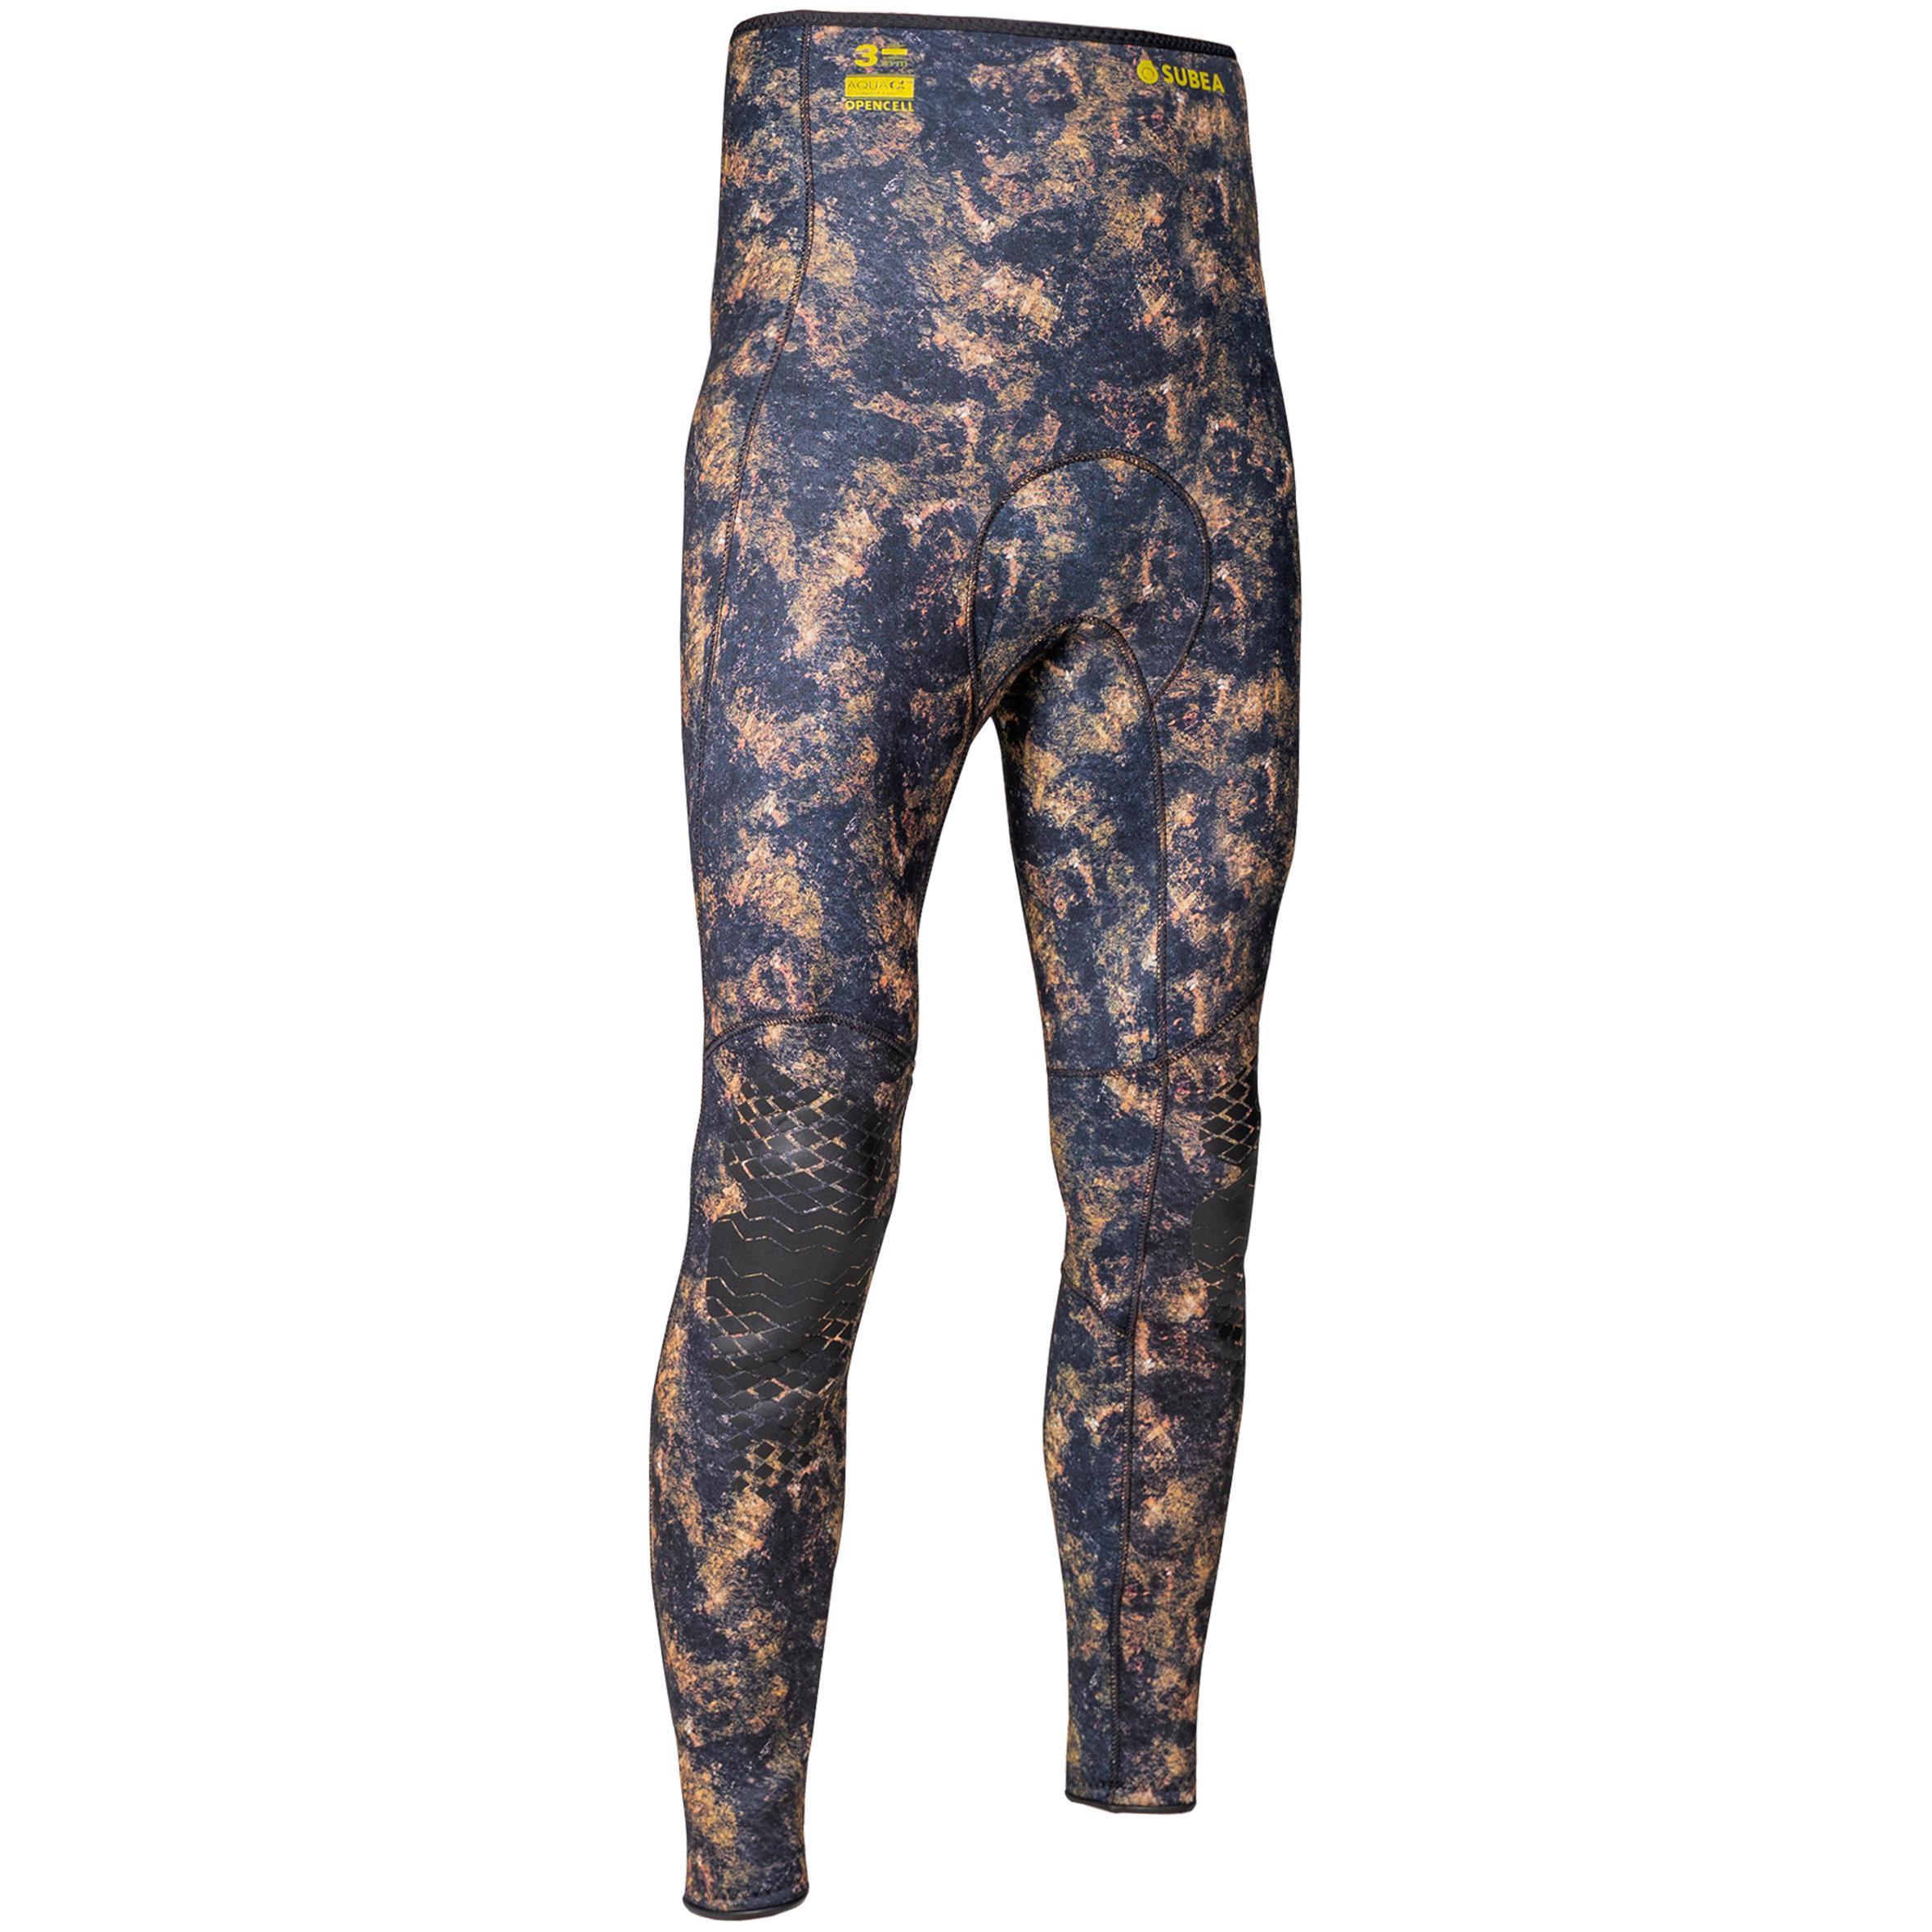 Pantalon neopren 3mm Camo la Reducere poza